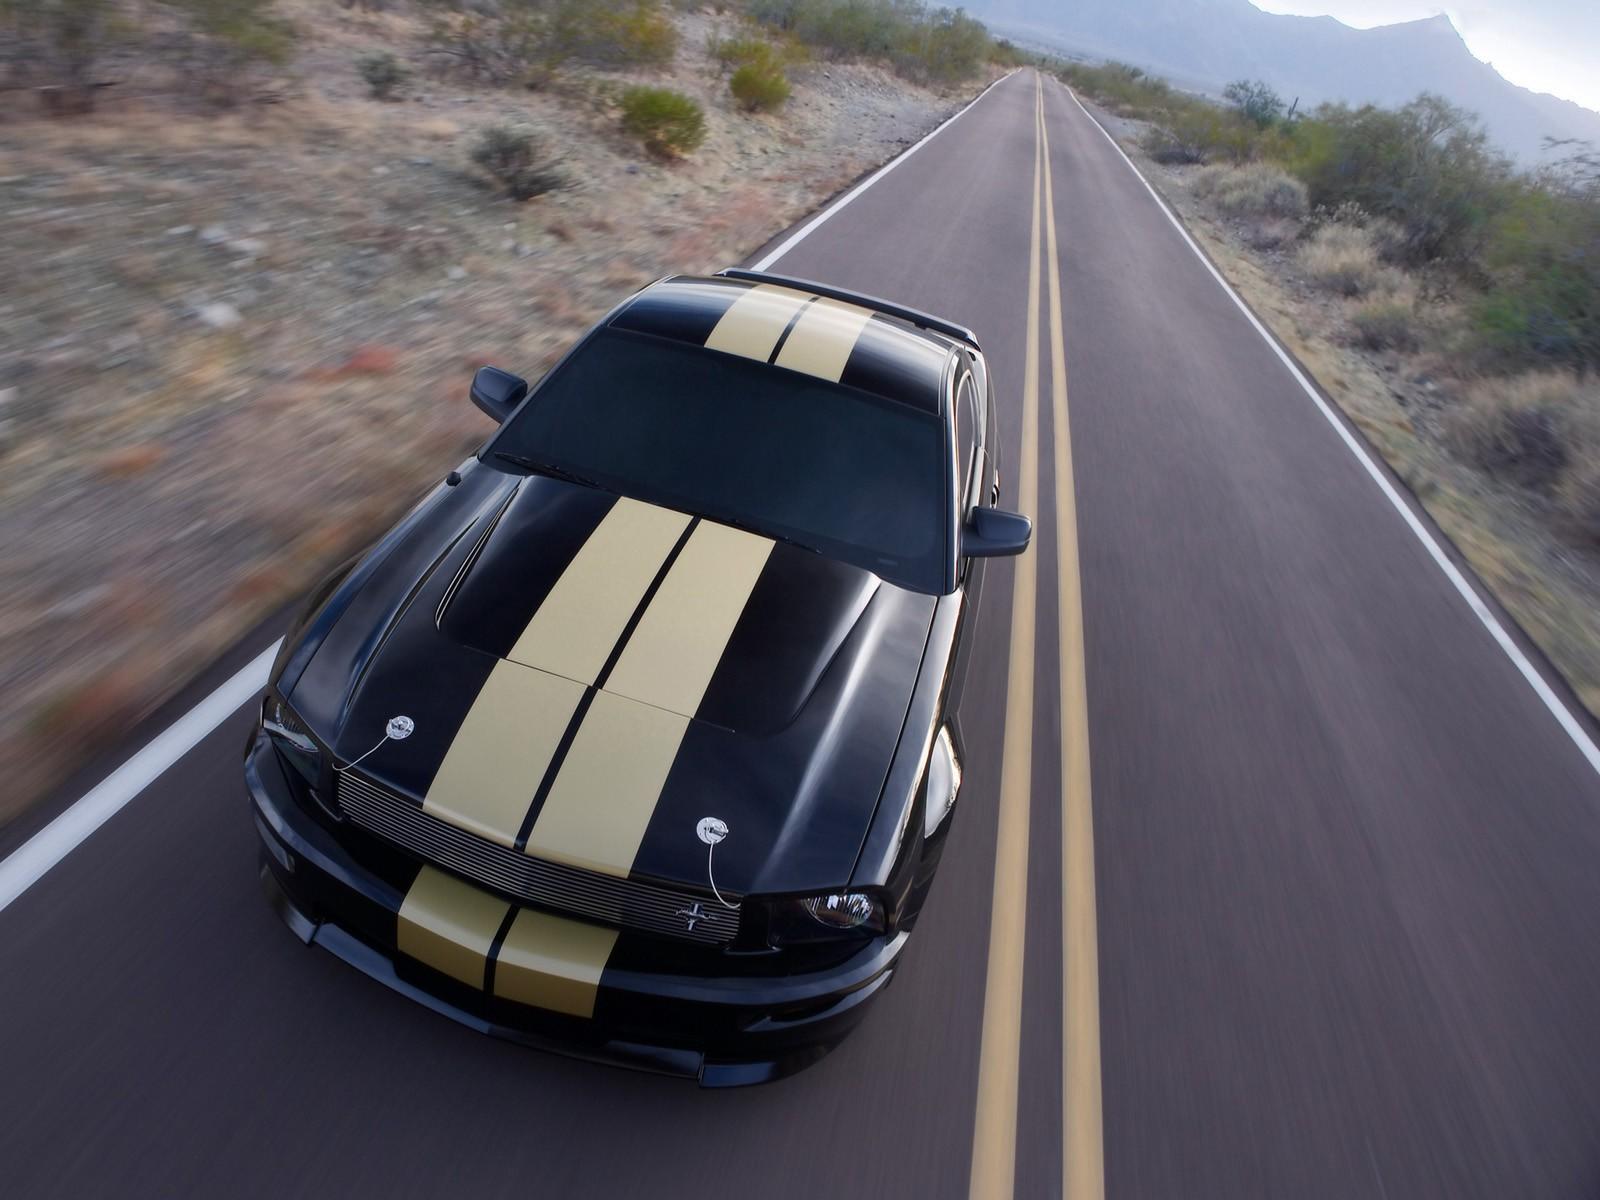 Скачать обои фото картинку на тему Shelby, GT-H, авто, машины